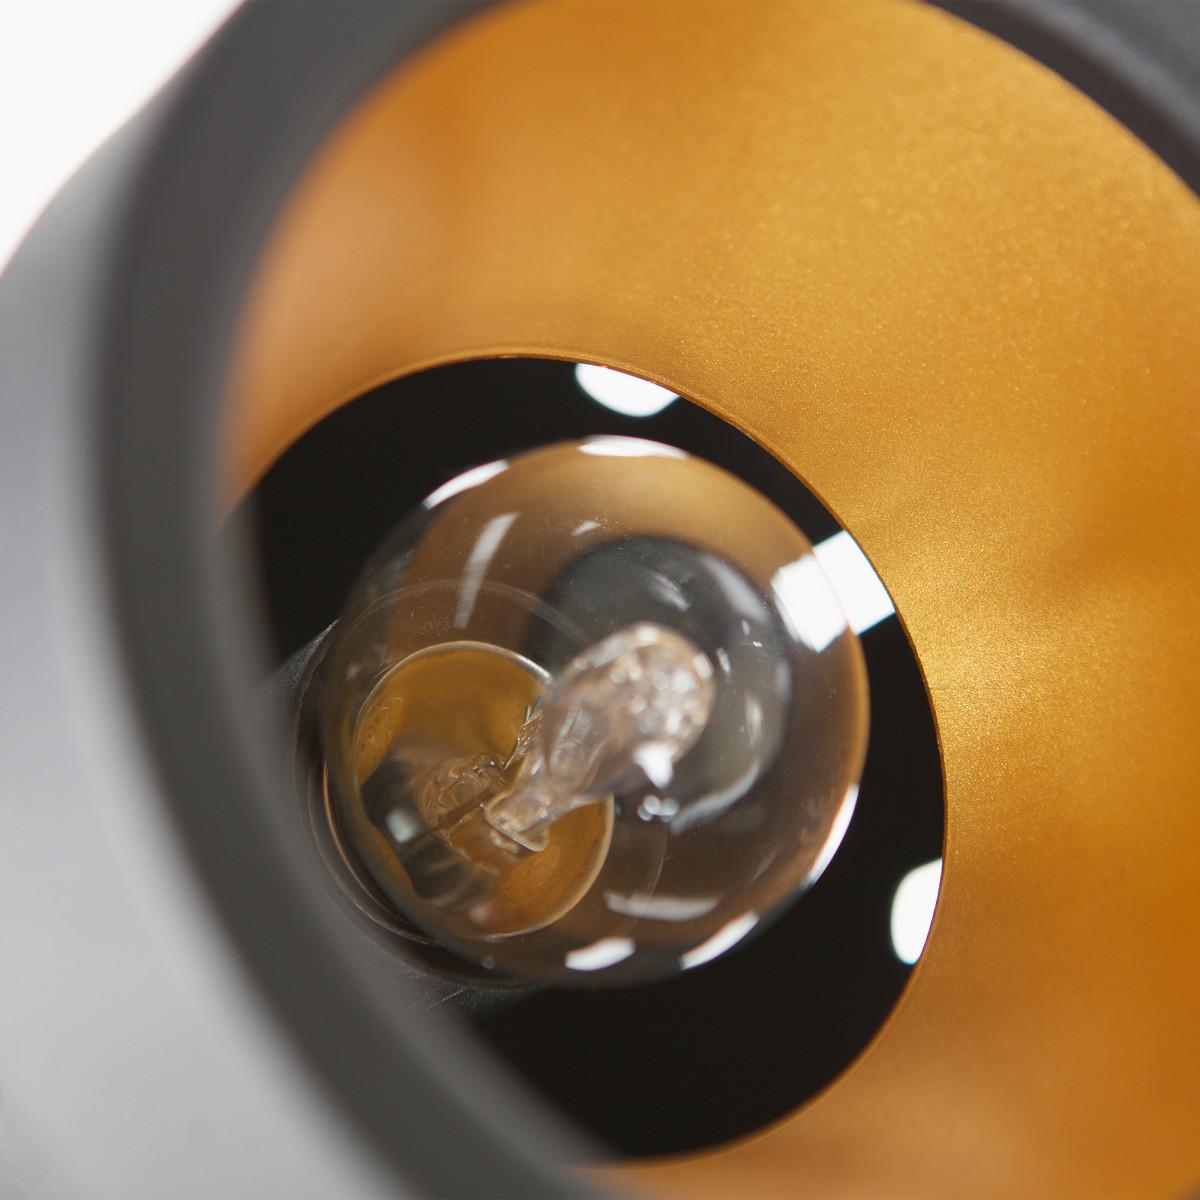 Vloerlamp Bente zwart